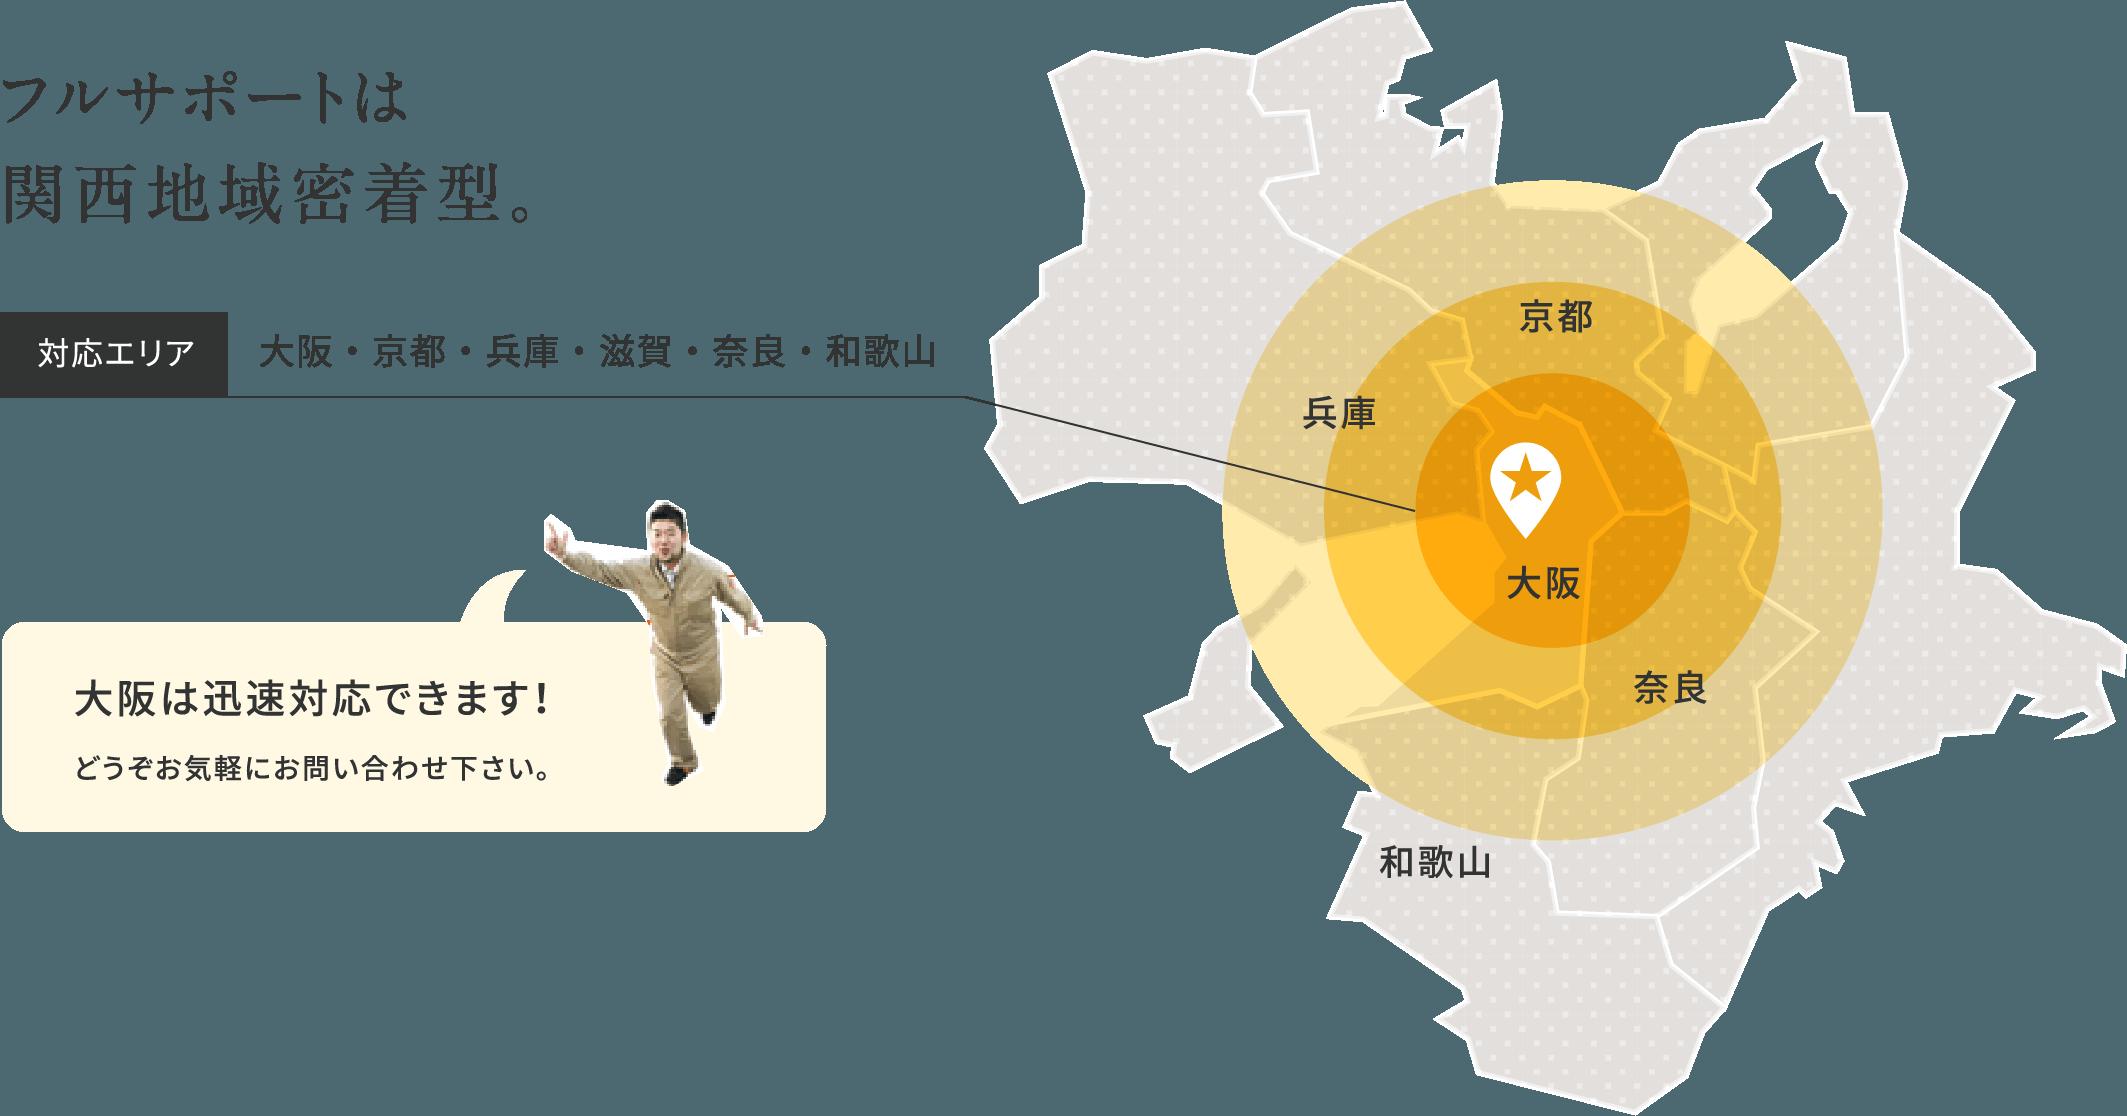 Area 対応エリア